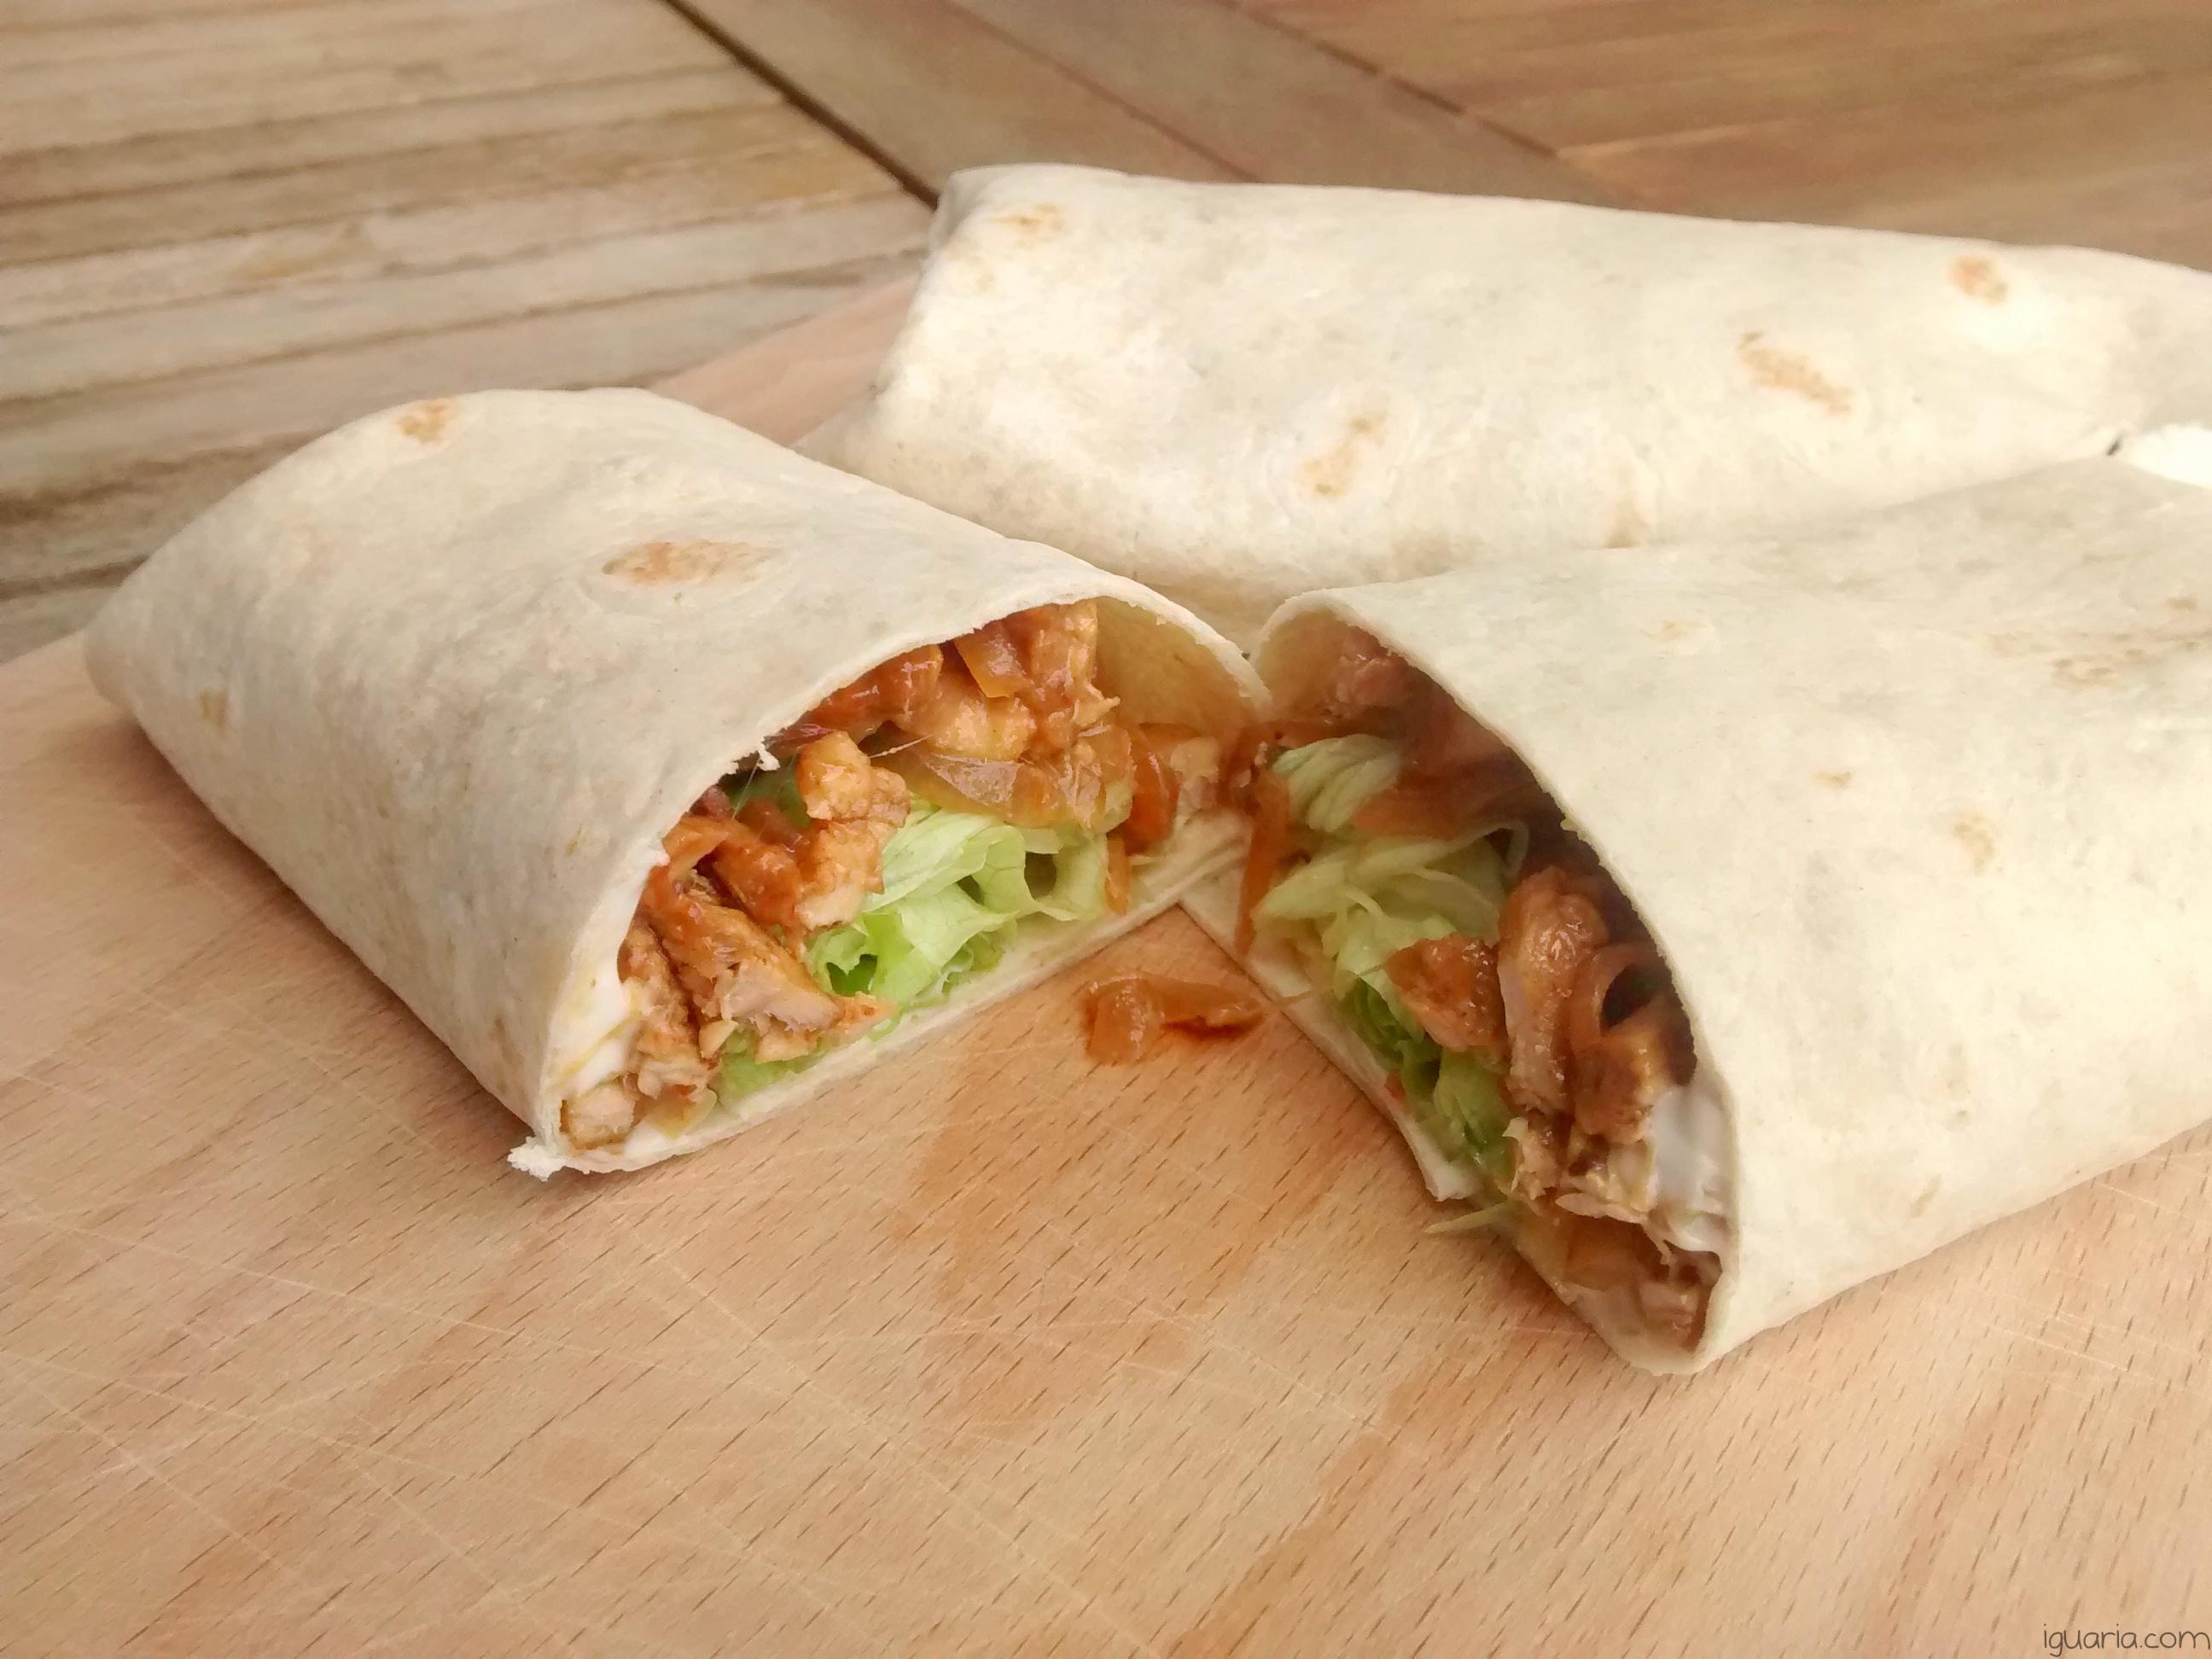 Iguaria_Wrap-de-Carne-Porco-e-Salada